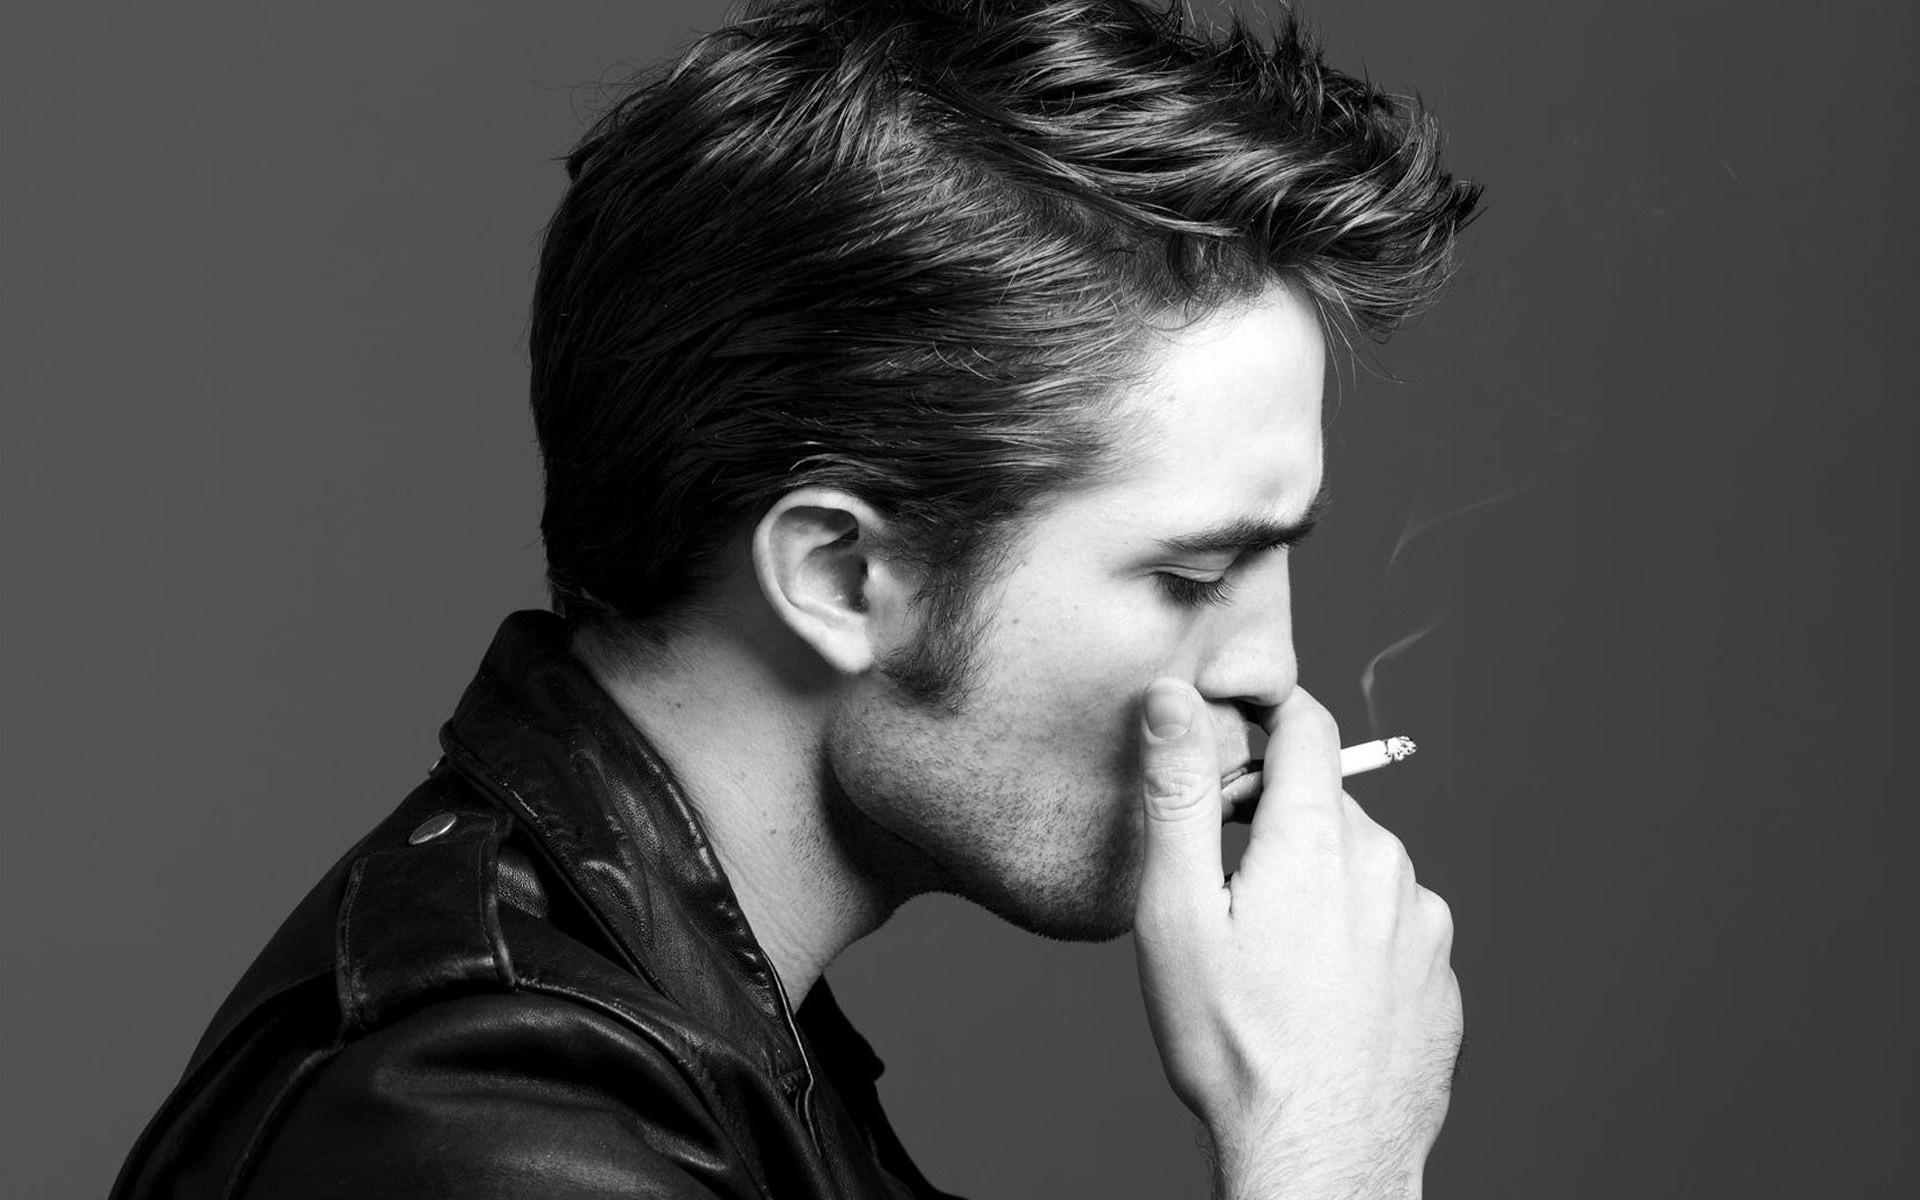 Роберт паттинсон курит фотосессия